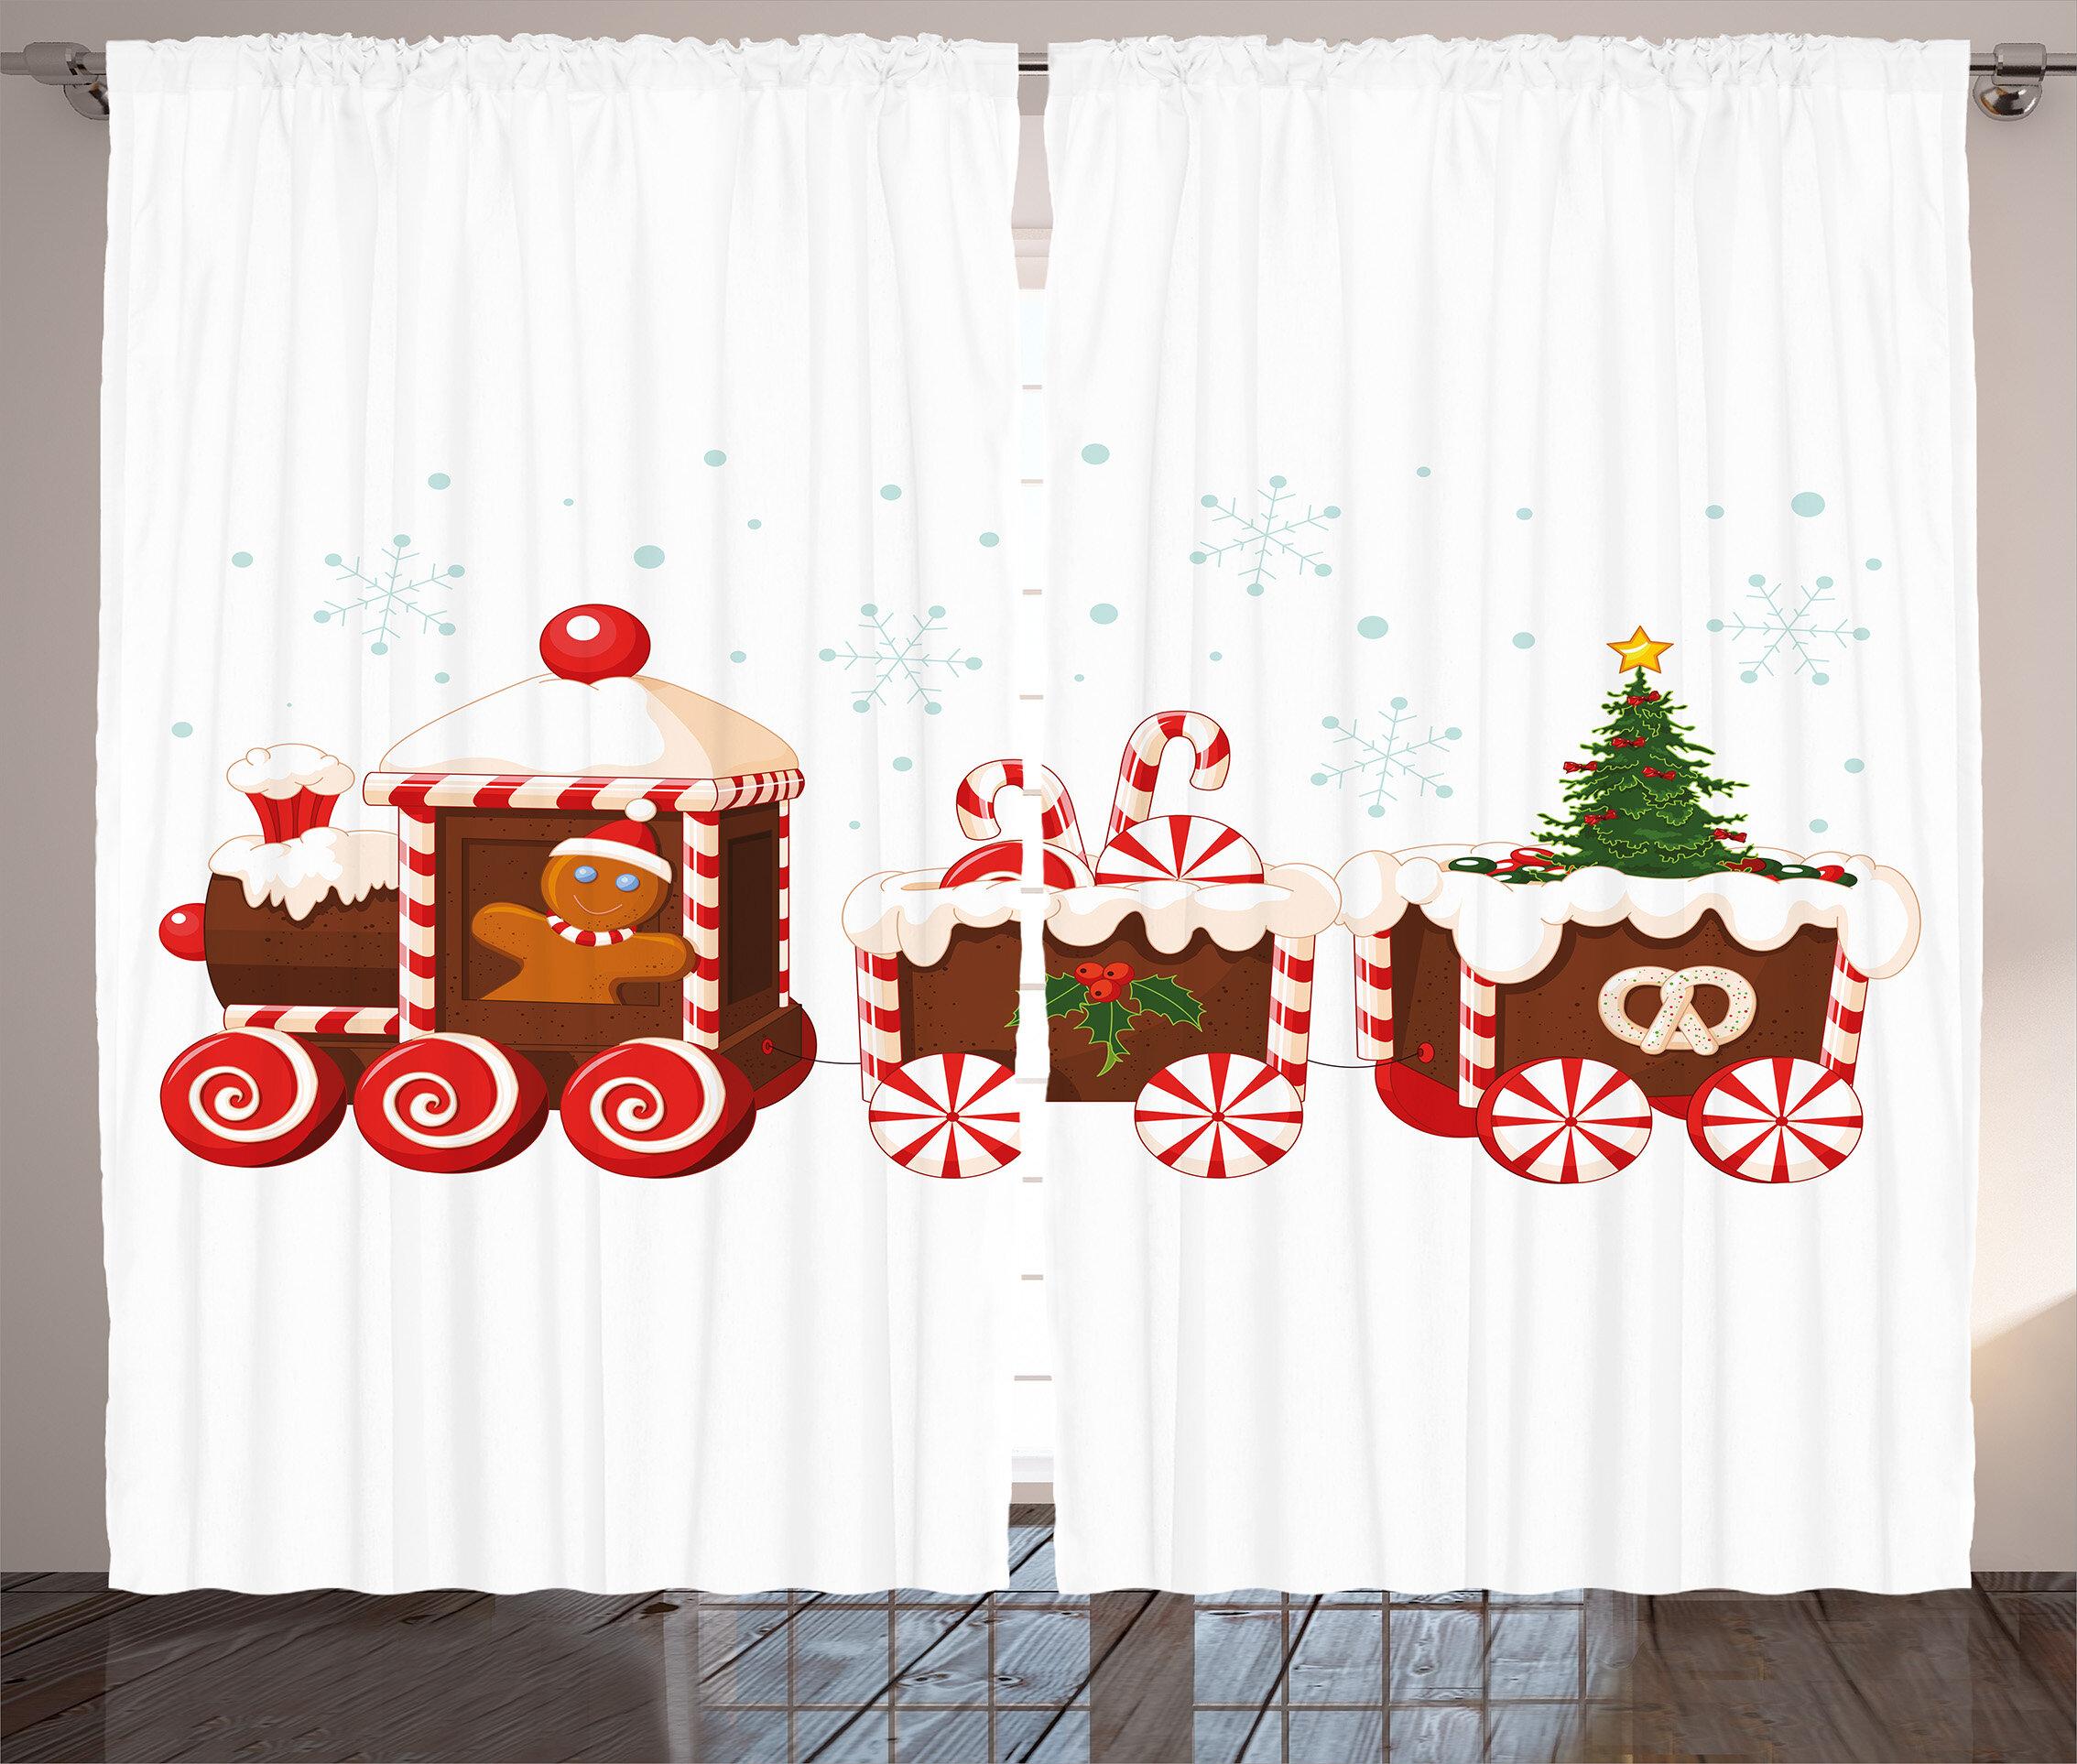 Christmas Candy Train.Christmas Candy Train Graphic Print Room Darkening Rod Pocket Curtain Panels